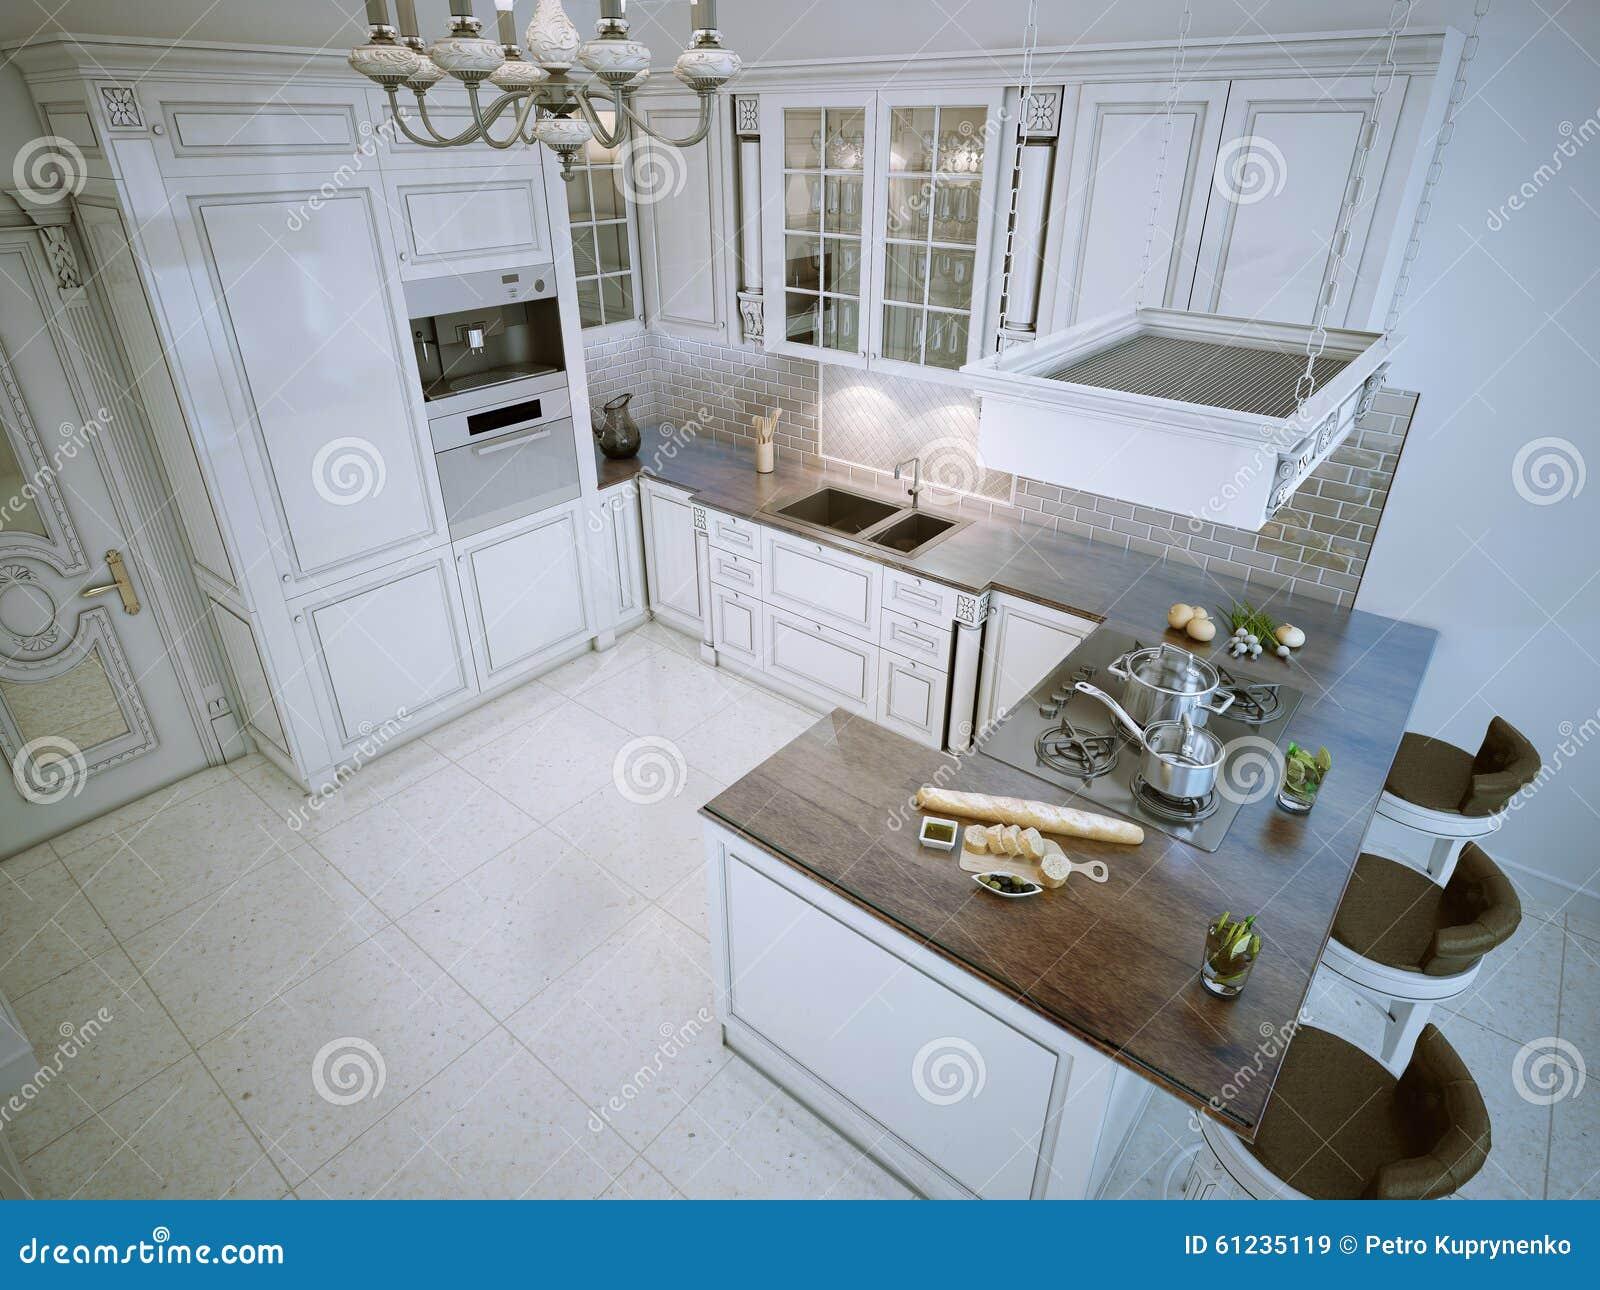 L Vormige Keuken : Luxe l vormige keuken stock illustratie. illustratie bestaande uit